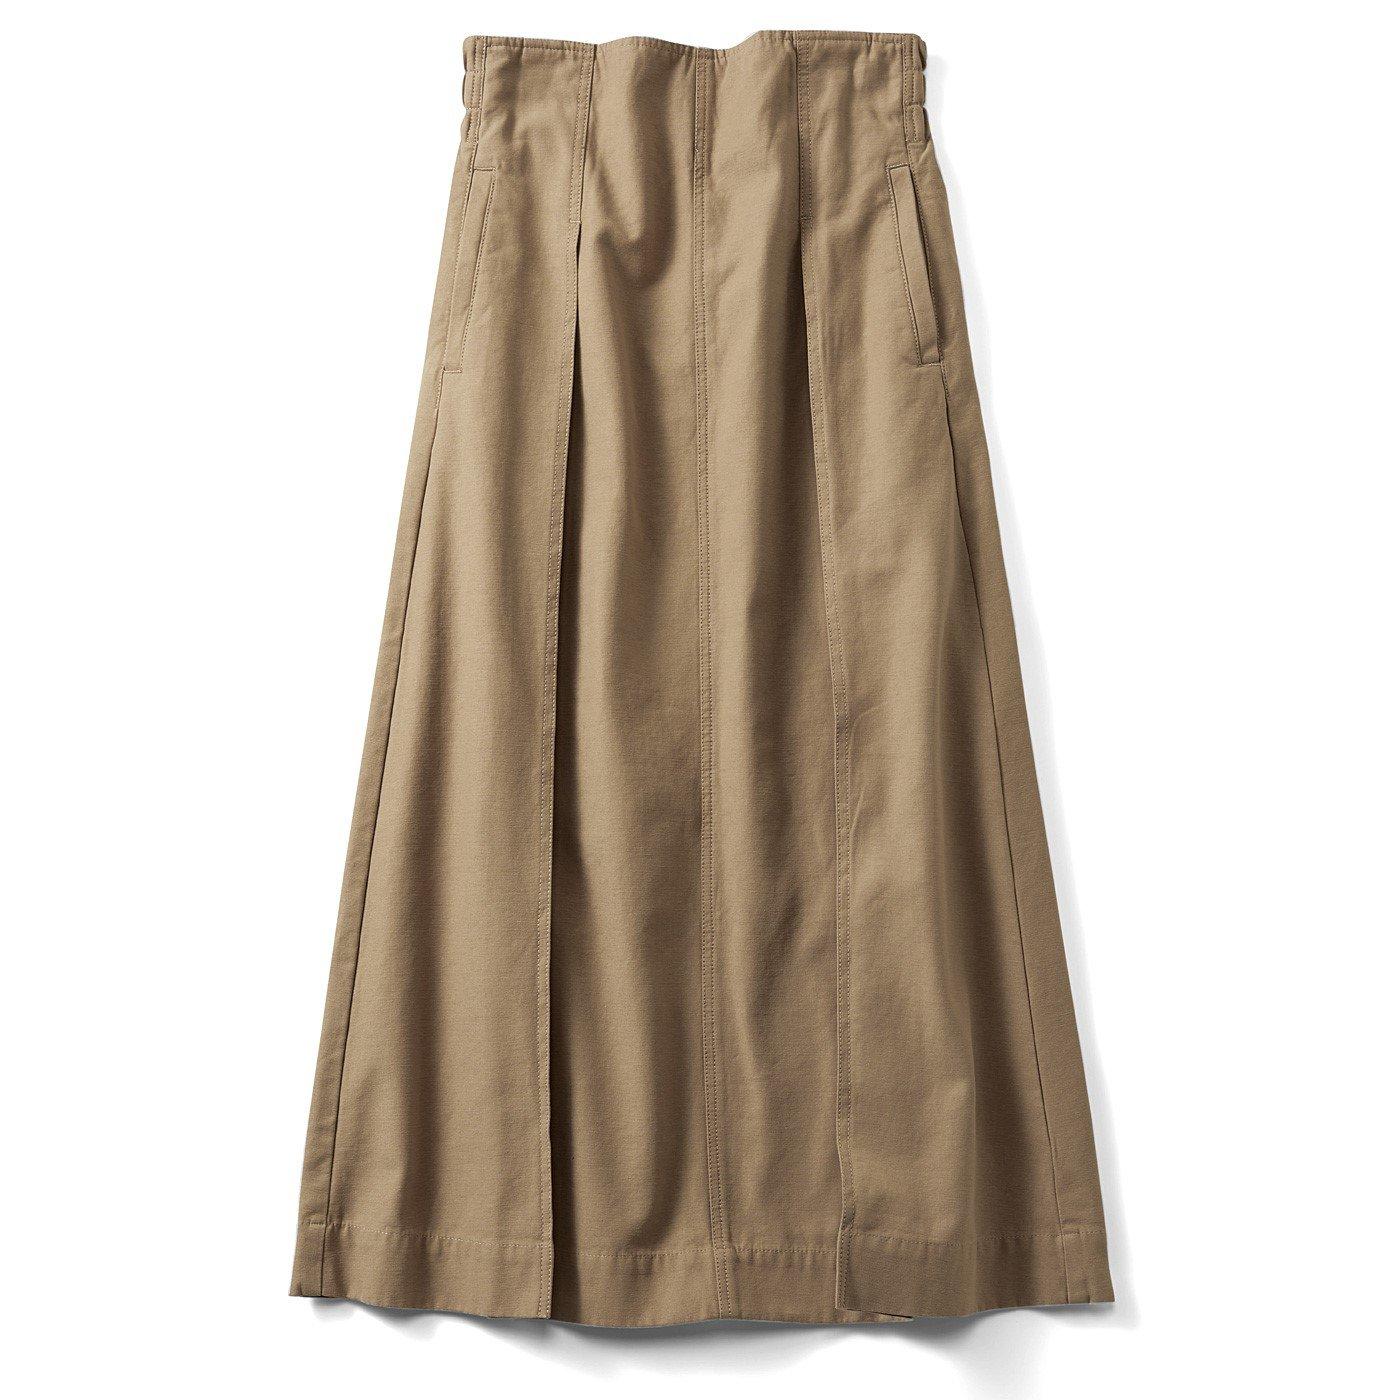 リブ イン コンフォート パンツ感覚ではけてスッキリ見える大人ワークスカート〈ベージュ〉